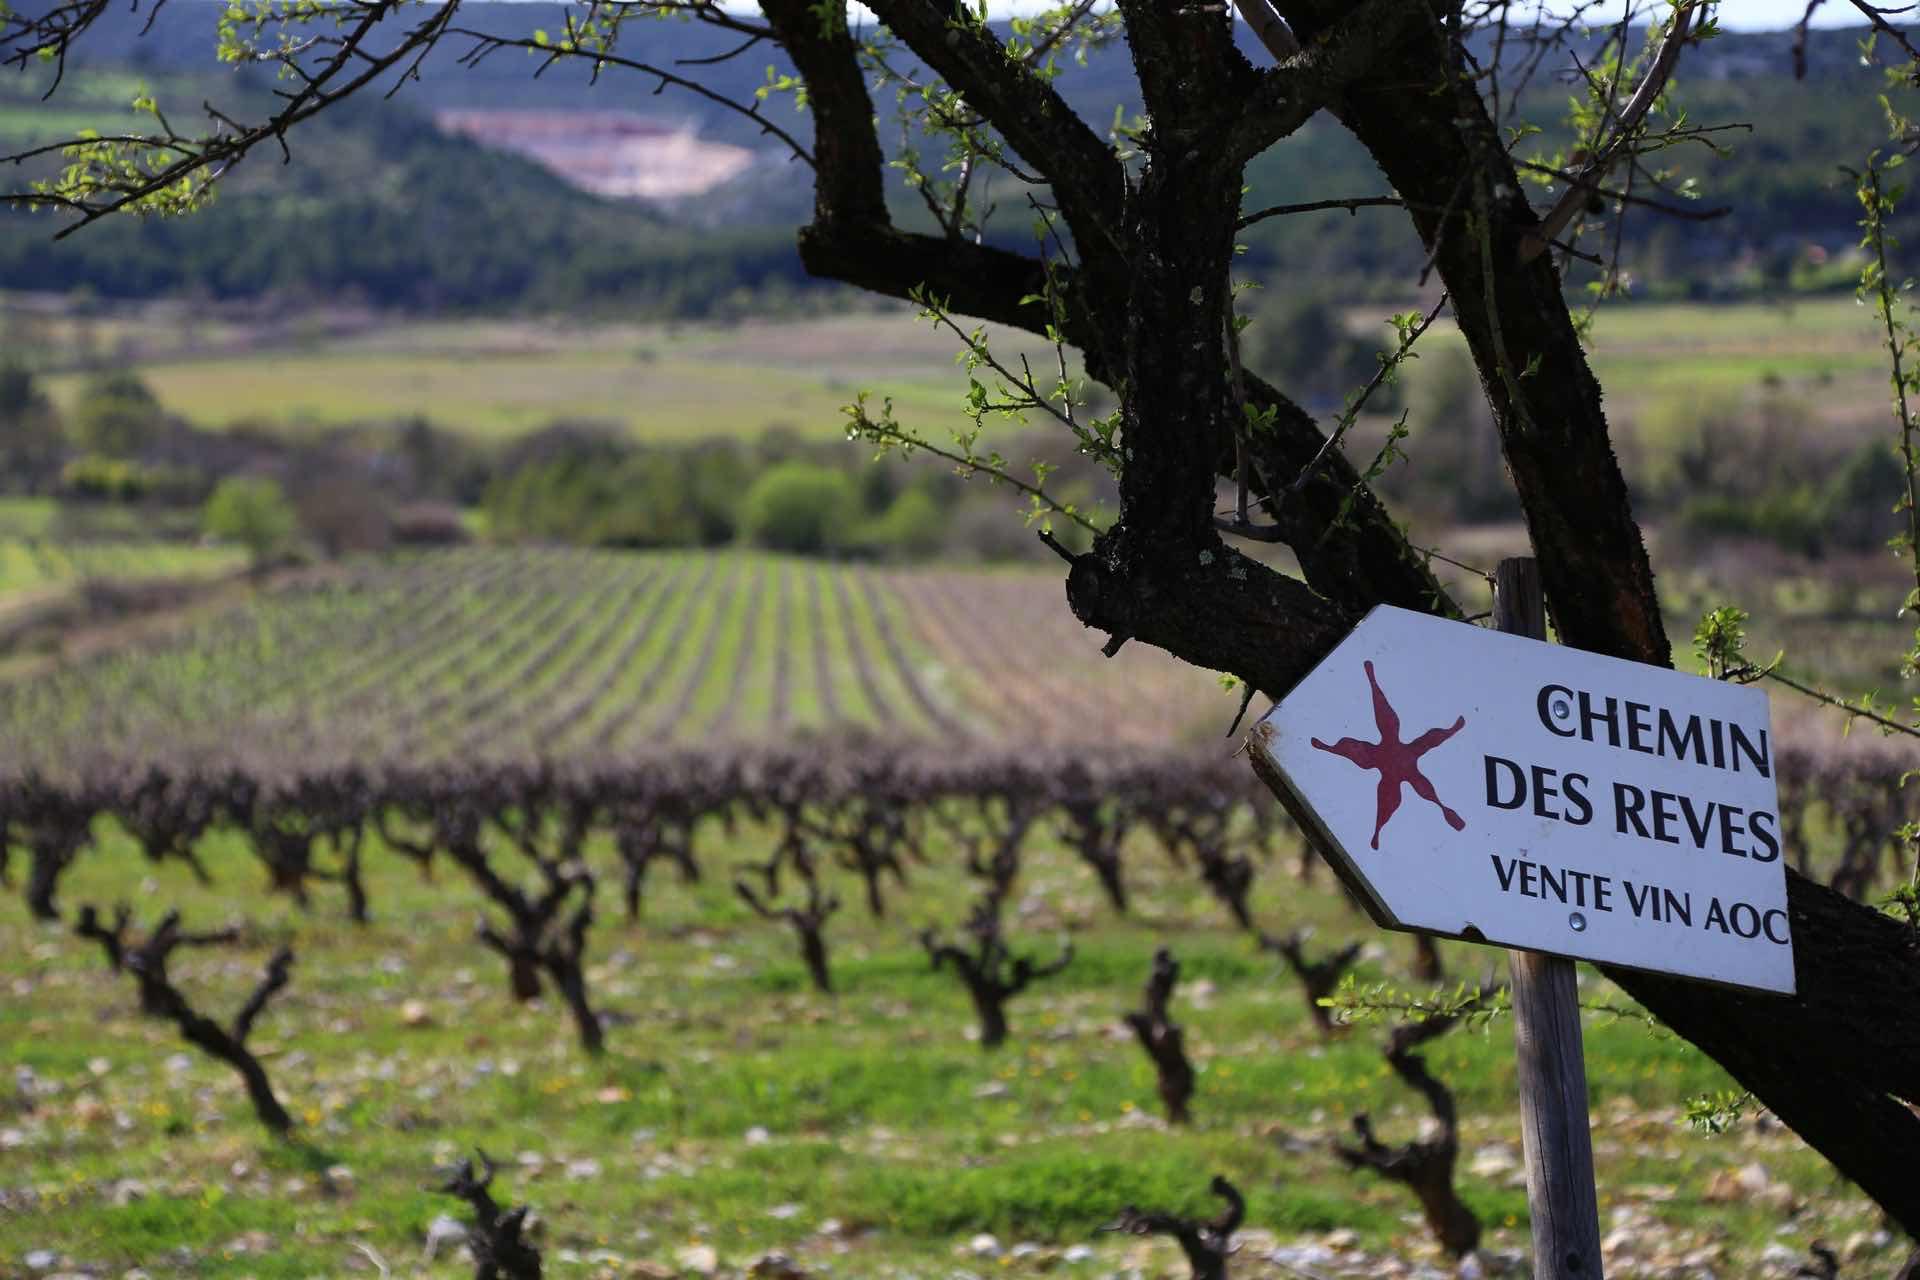 Domaine du Chemin des Rêves - アペロ ワインバー / apéro WINEBAR - vins et petits plats français - Minami Aoyama Tokyo